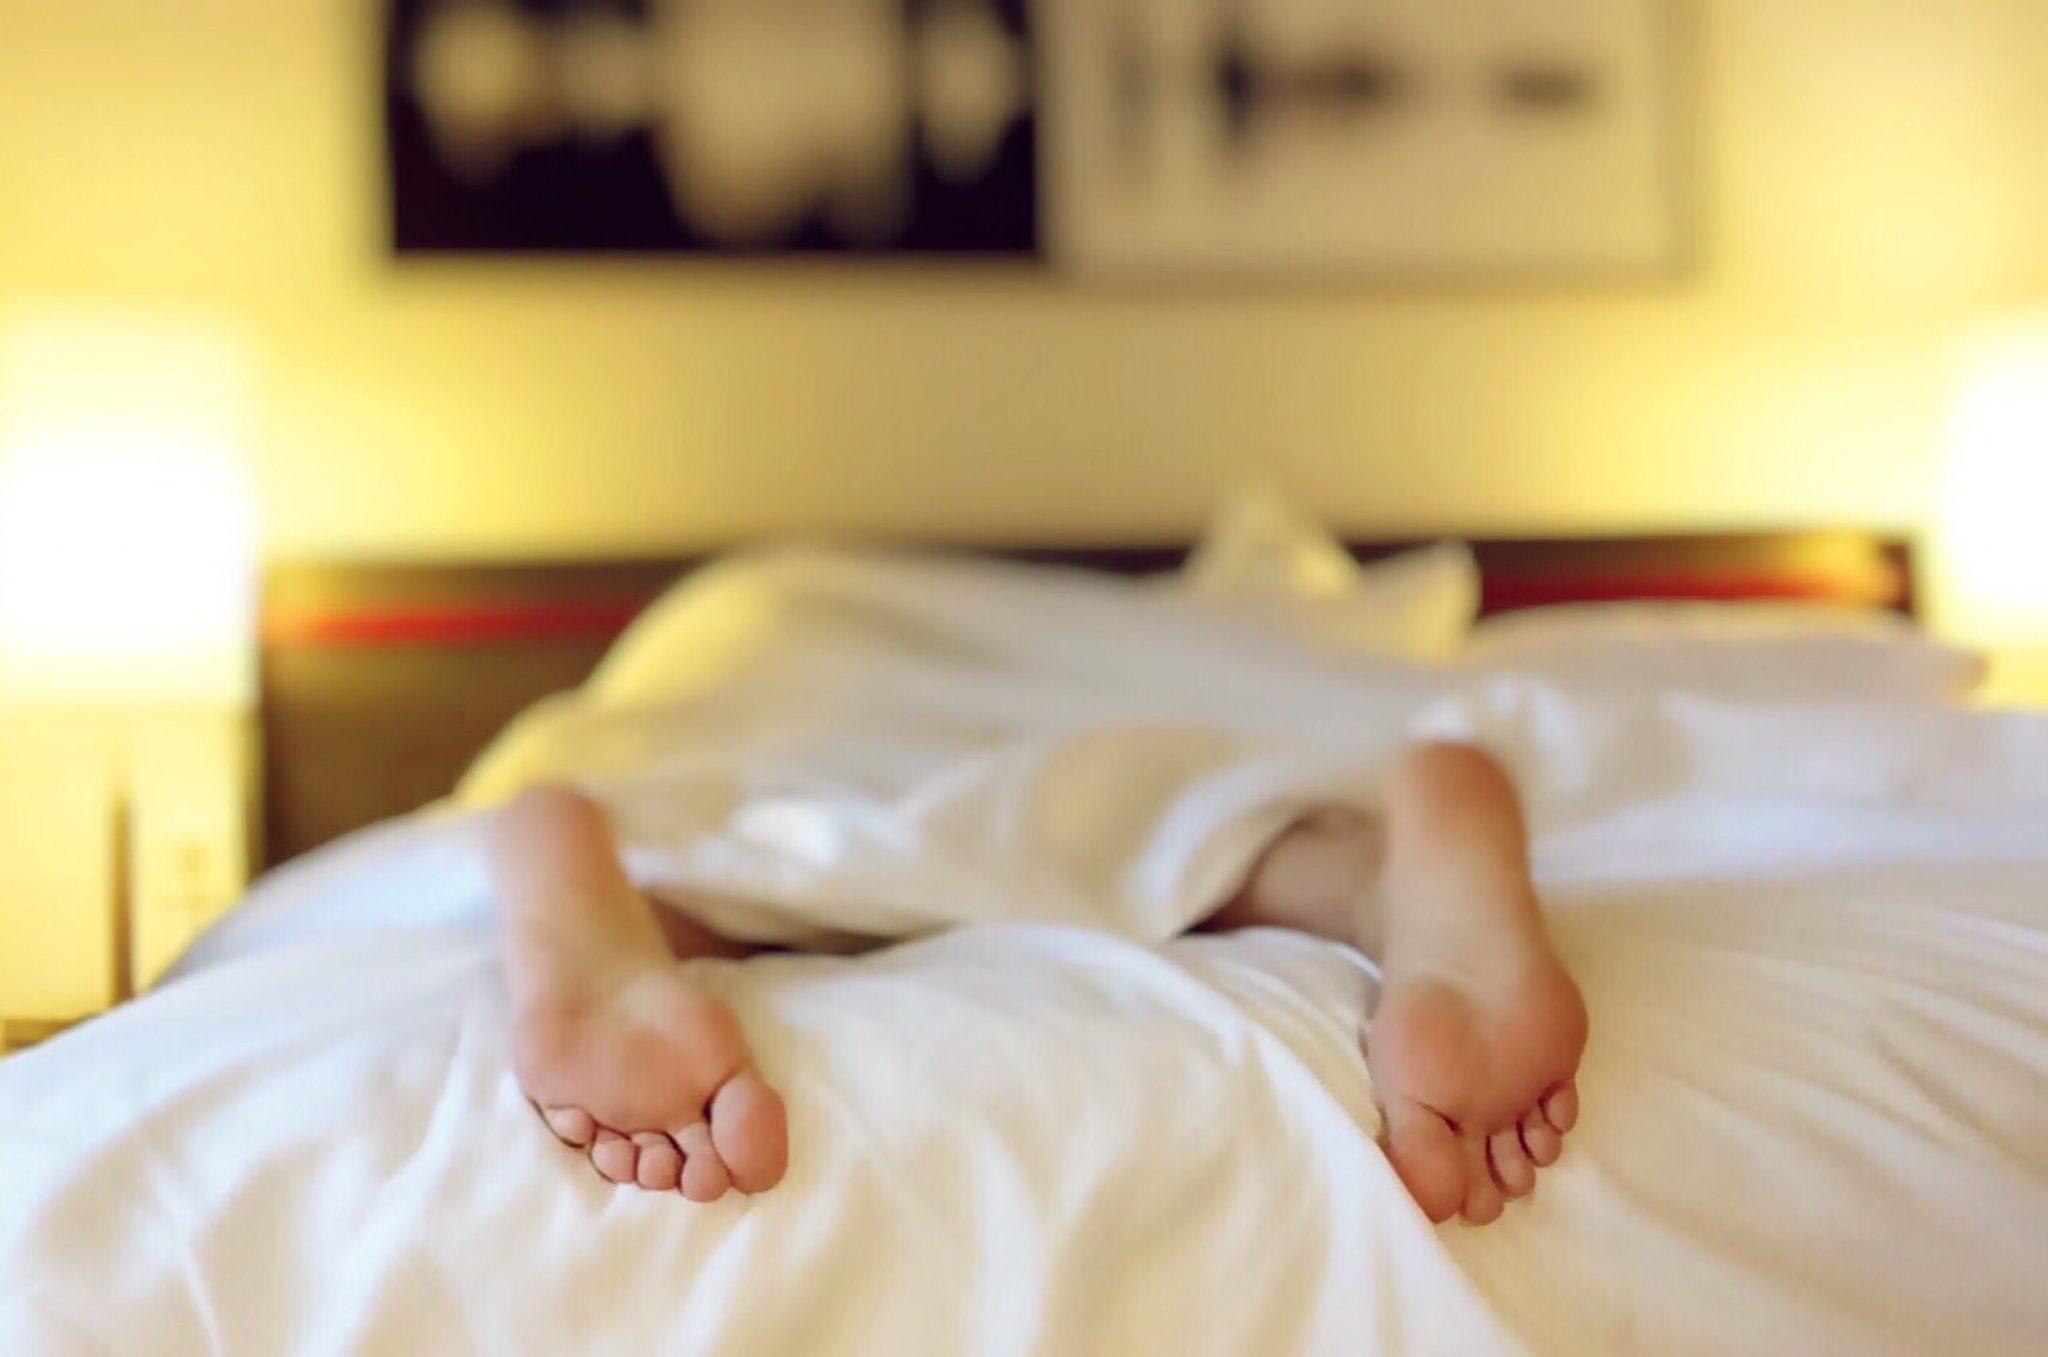 Przekąski na dobranoc! Co jeść, by dobrze spać?